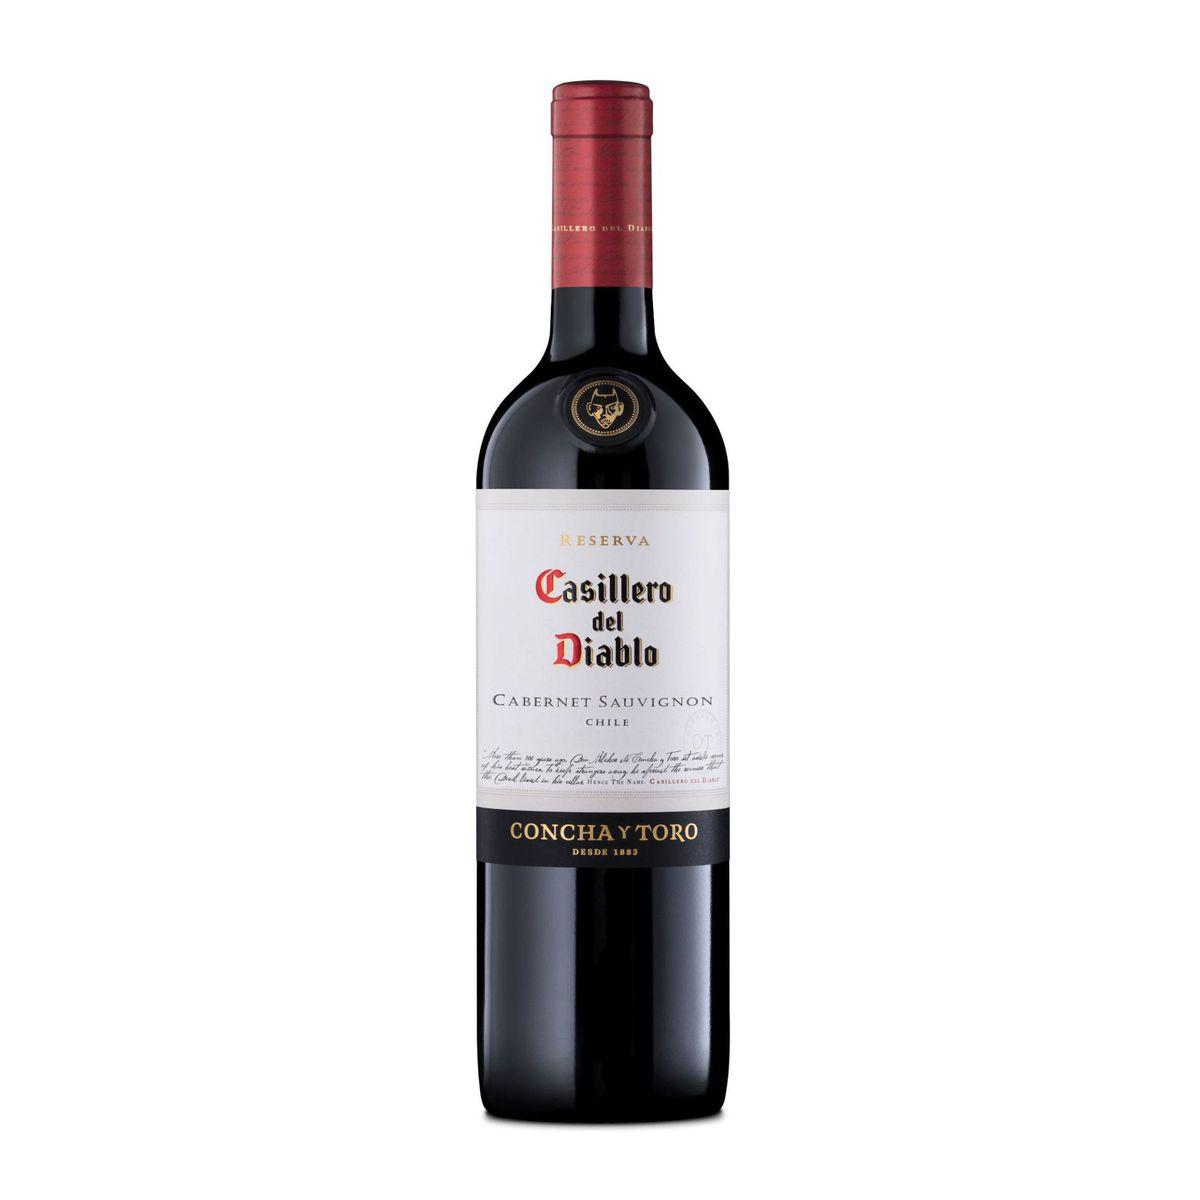 Casillero Del Diablo Cabernet Sauvignon 2017 Concha y Toro